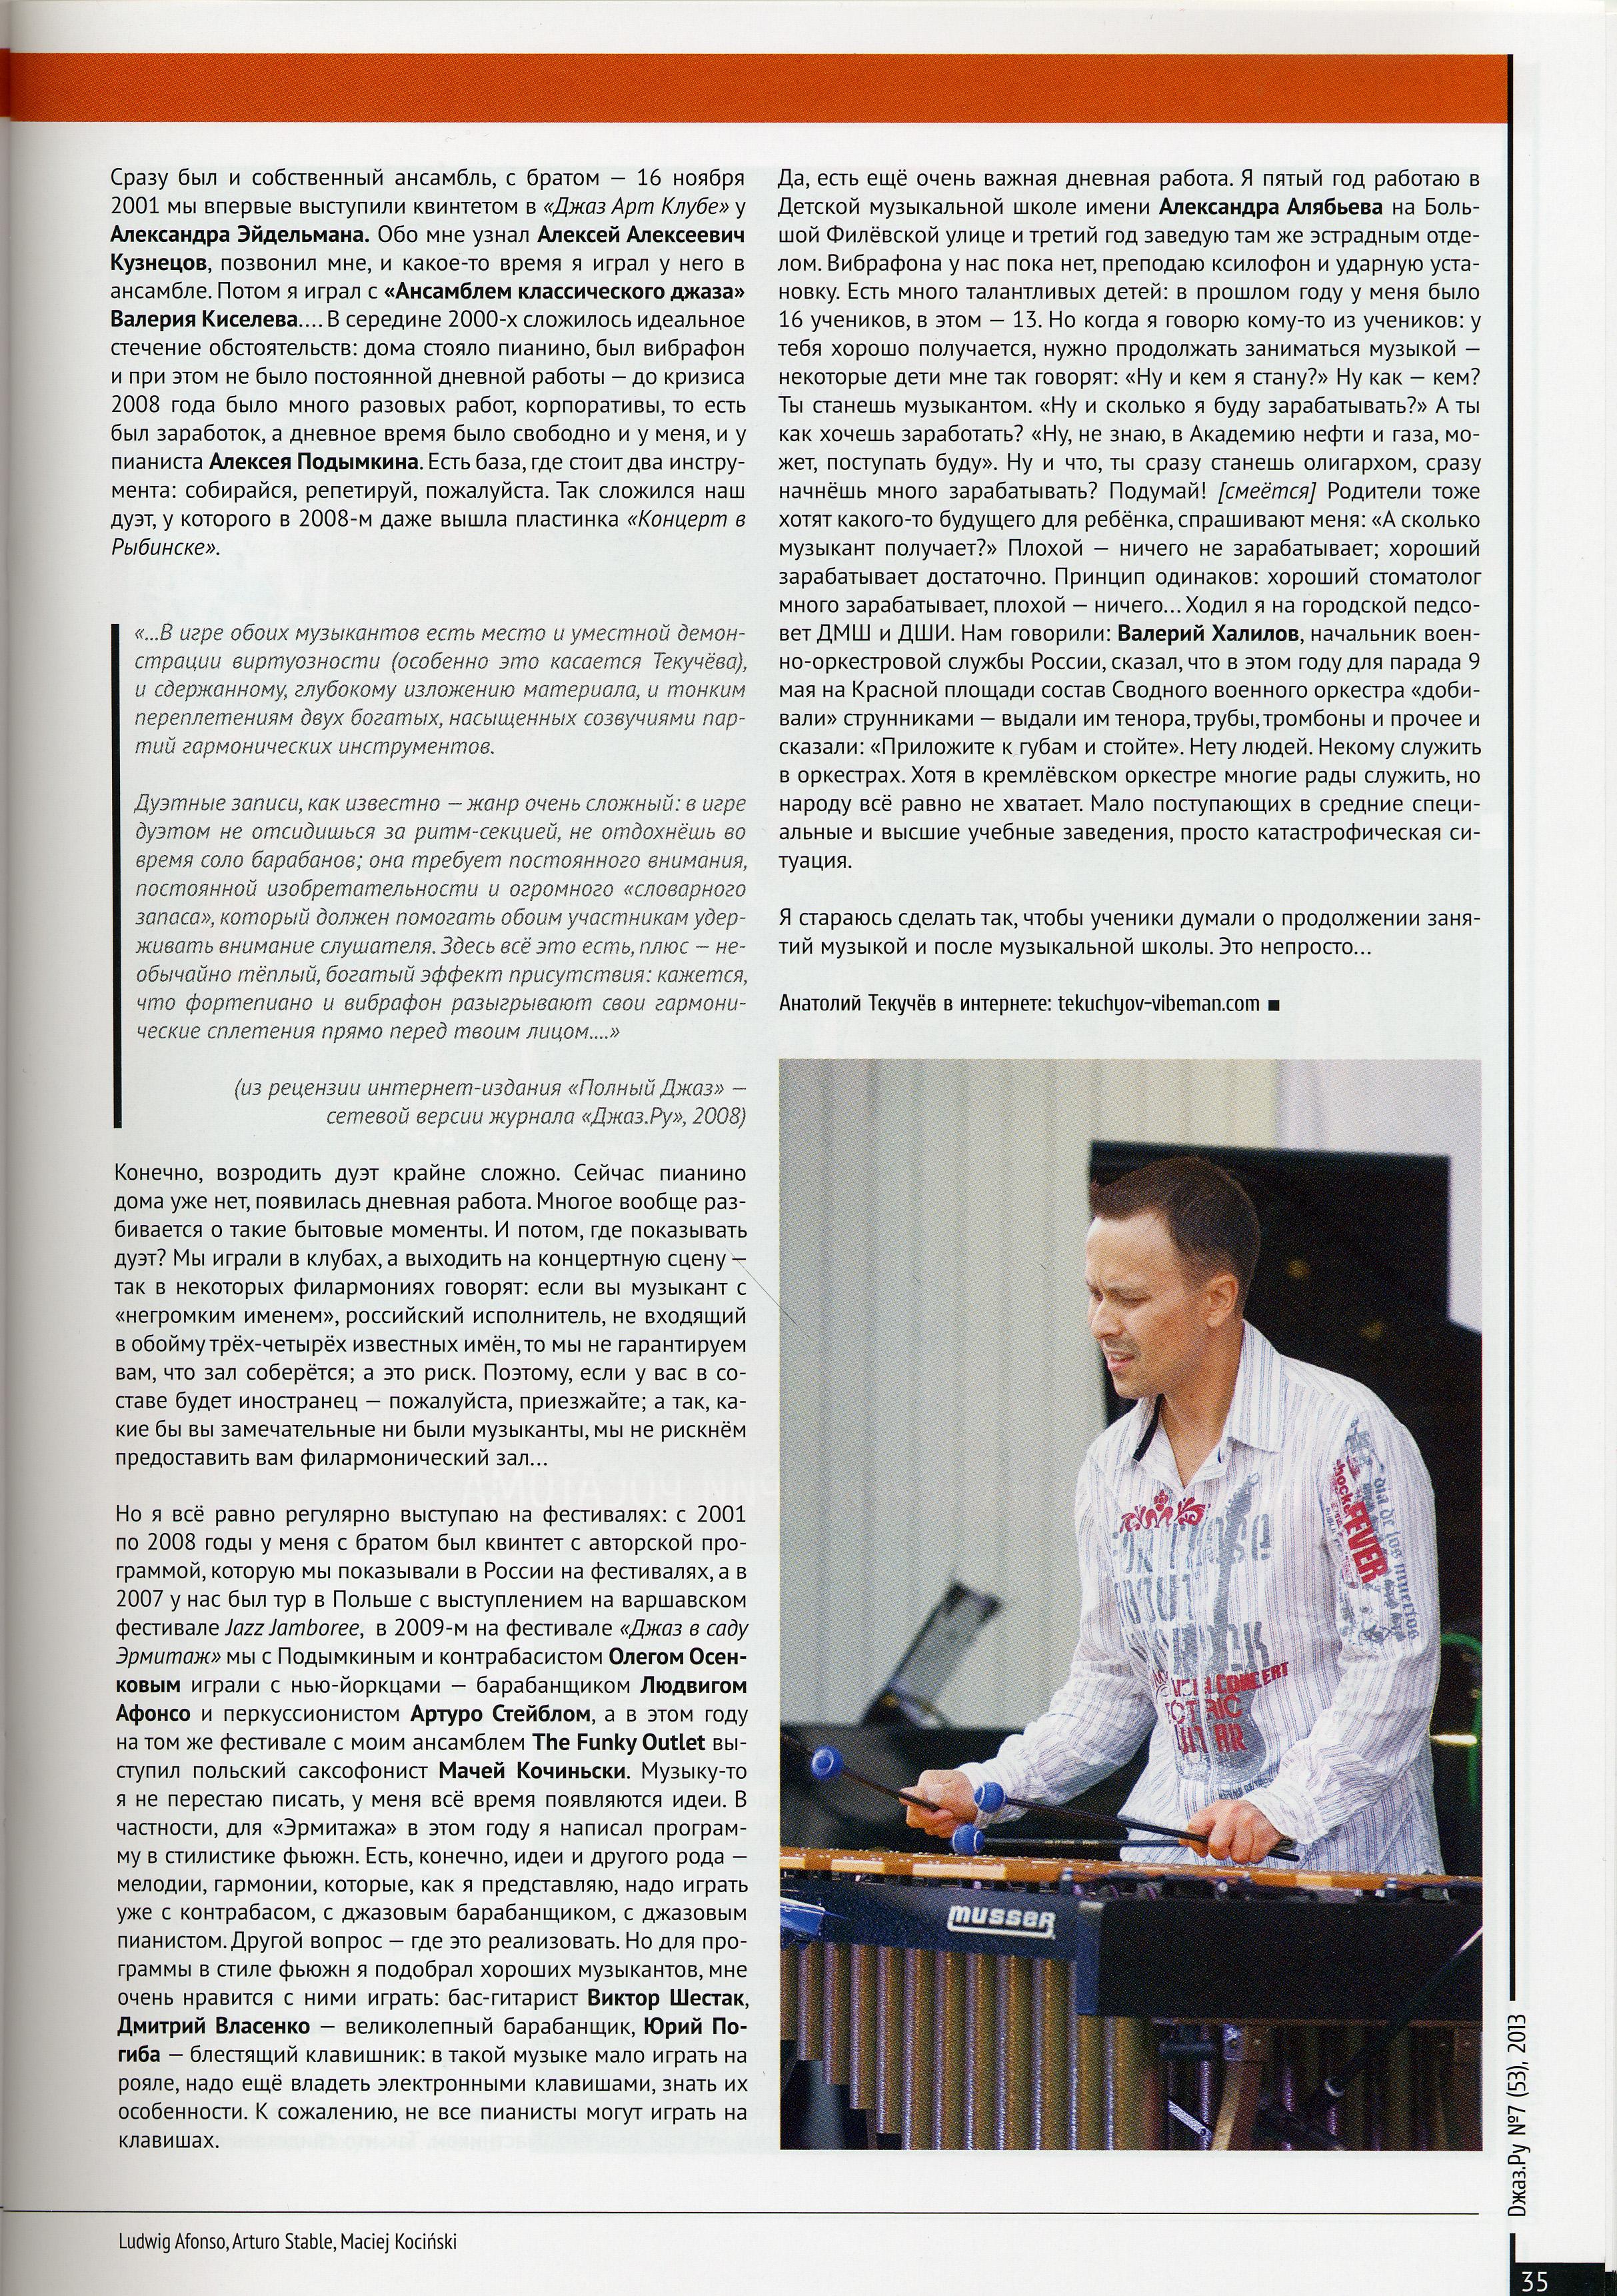 Интервью 5